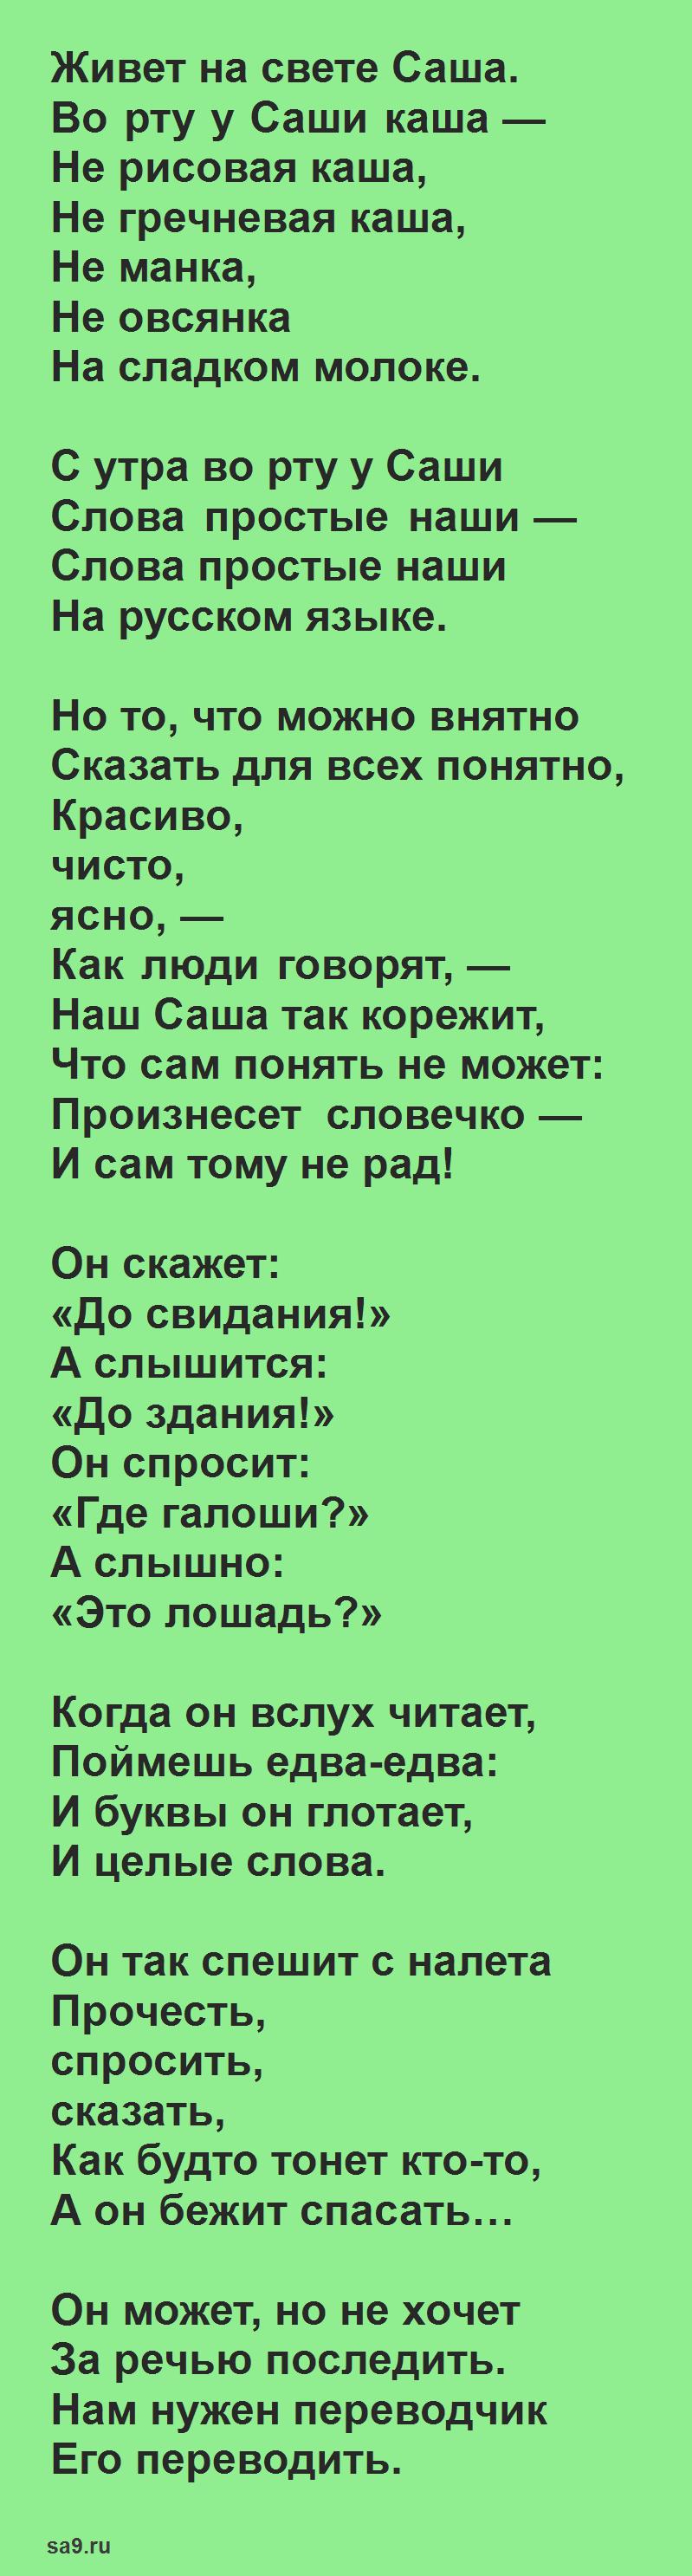 Стихи Сергея Михалкова для детей - Сашина каша